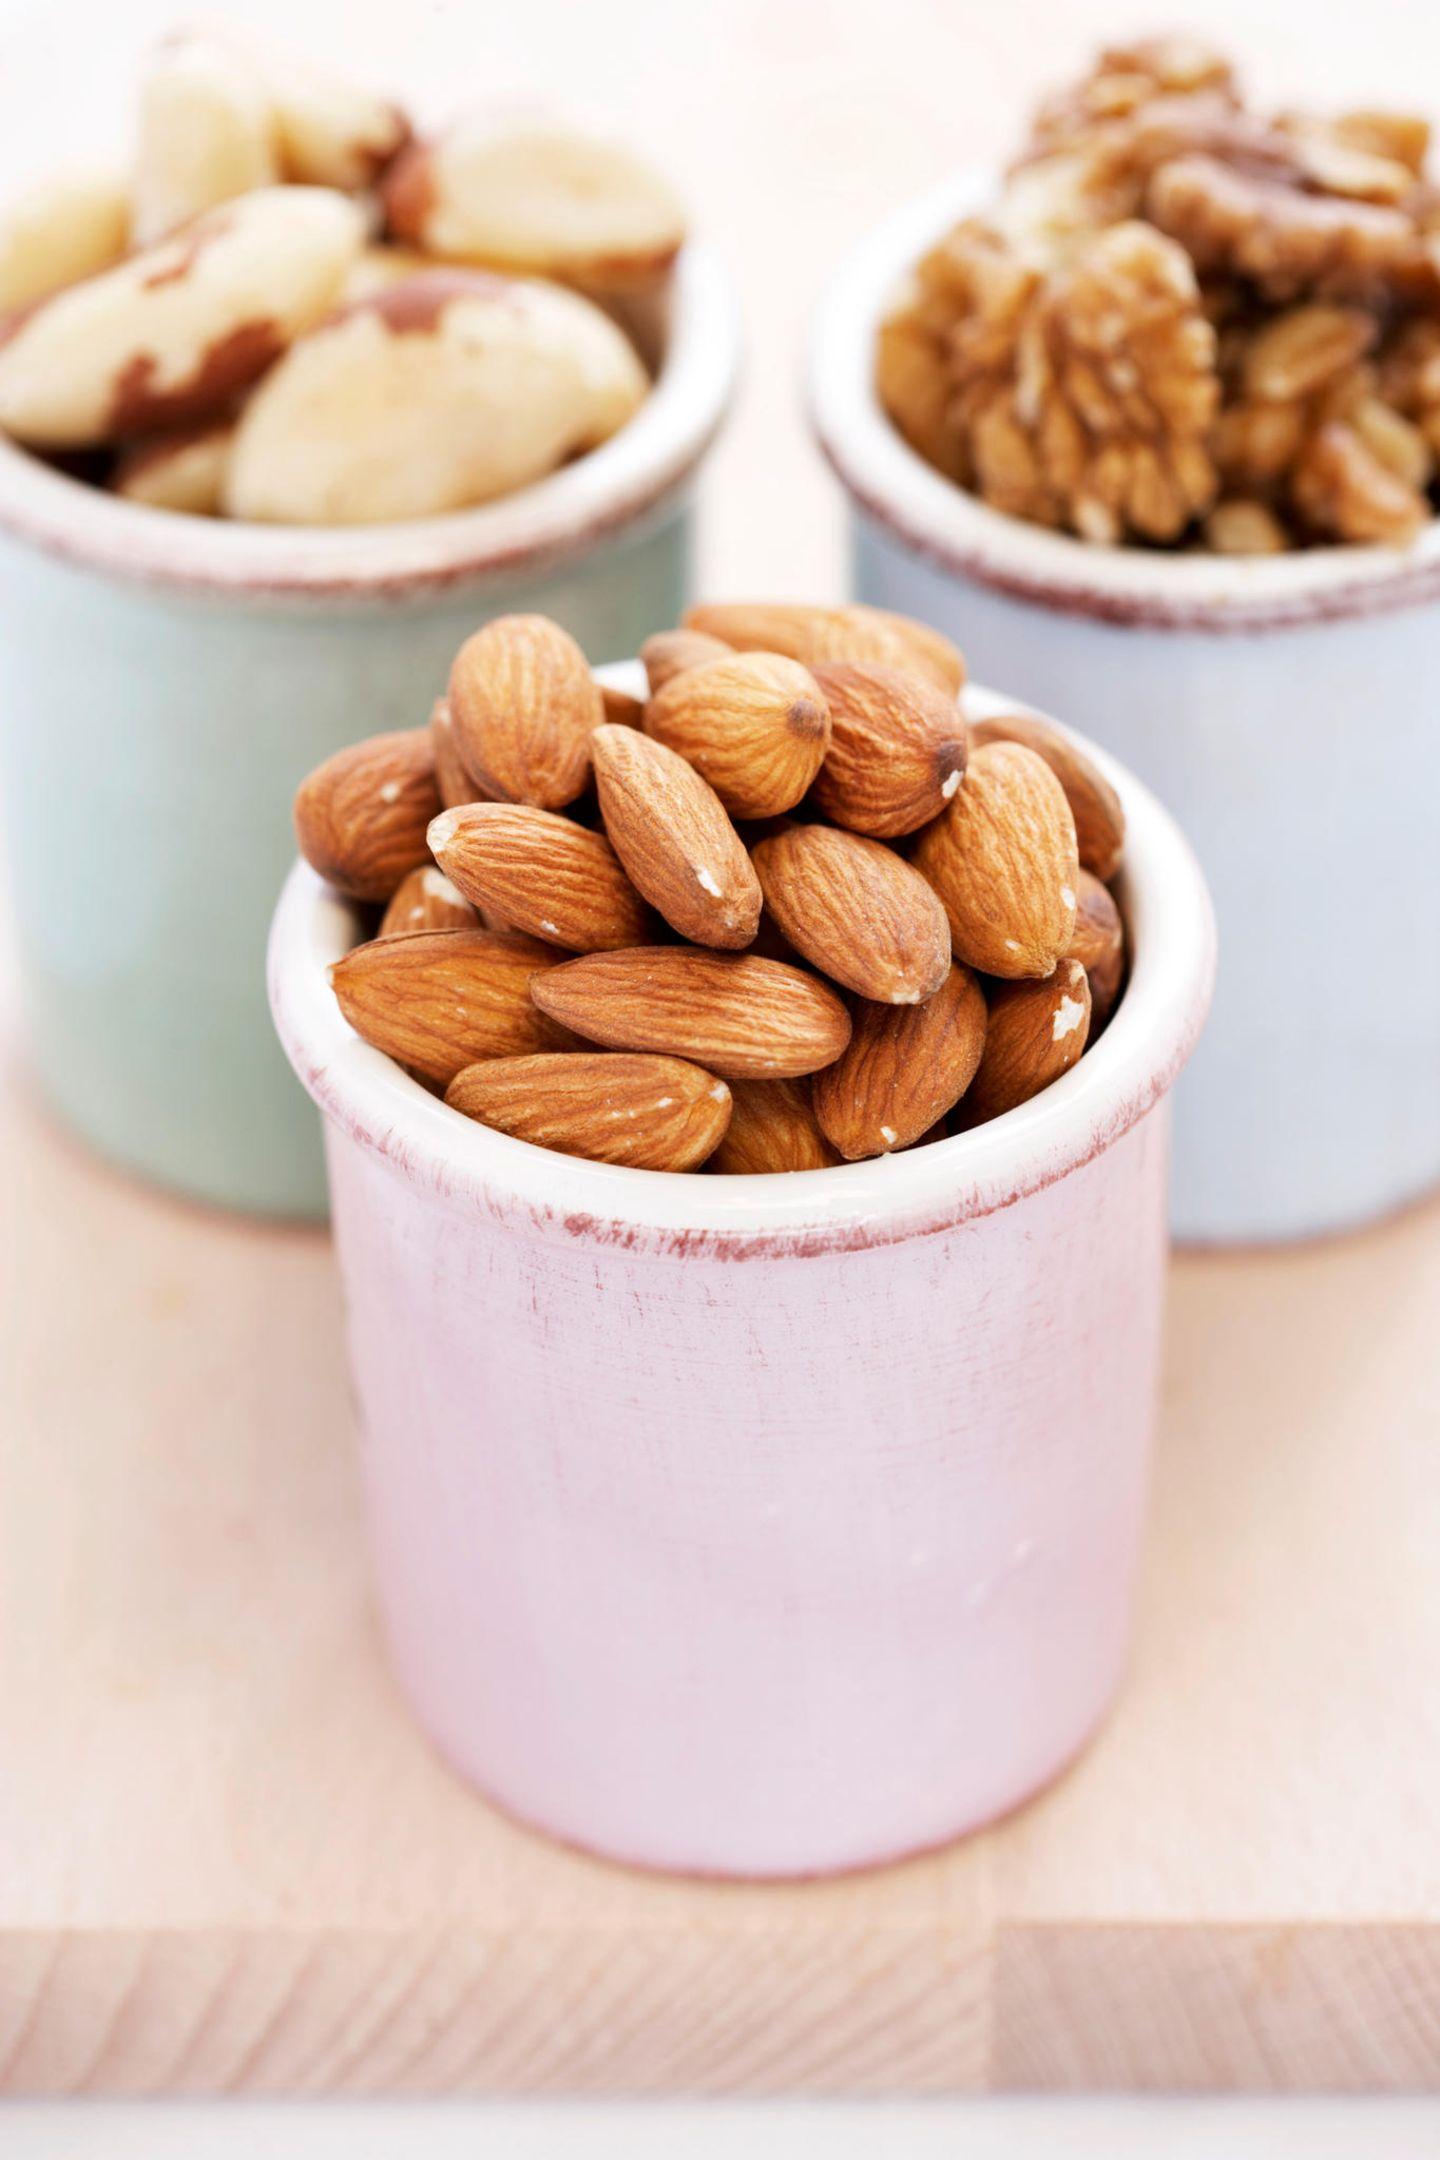 Paranüsse, Walnüsse und ungeschälte Mandeln gehören ebenfalls zu den Glow-Foods – und nicht nur Bräute lieben sie! Nüsse enthalten hochwertiges, pflanzliches Eiweiß: Der Supernährstoff ist nicht nur ein enger Verbündeter im Kampf gegen überflüssige Kilos, sondern auch für seine Wirkung auf schöne Haut und Haare bekannt.